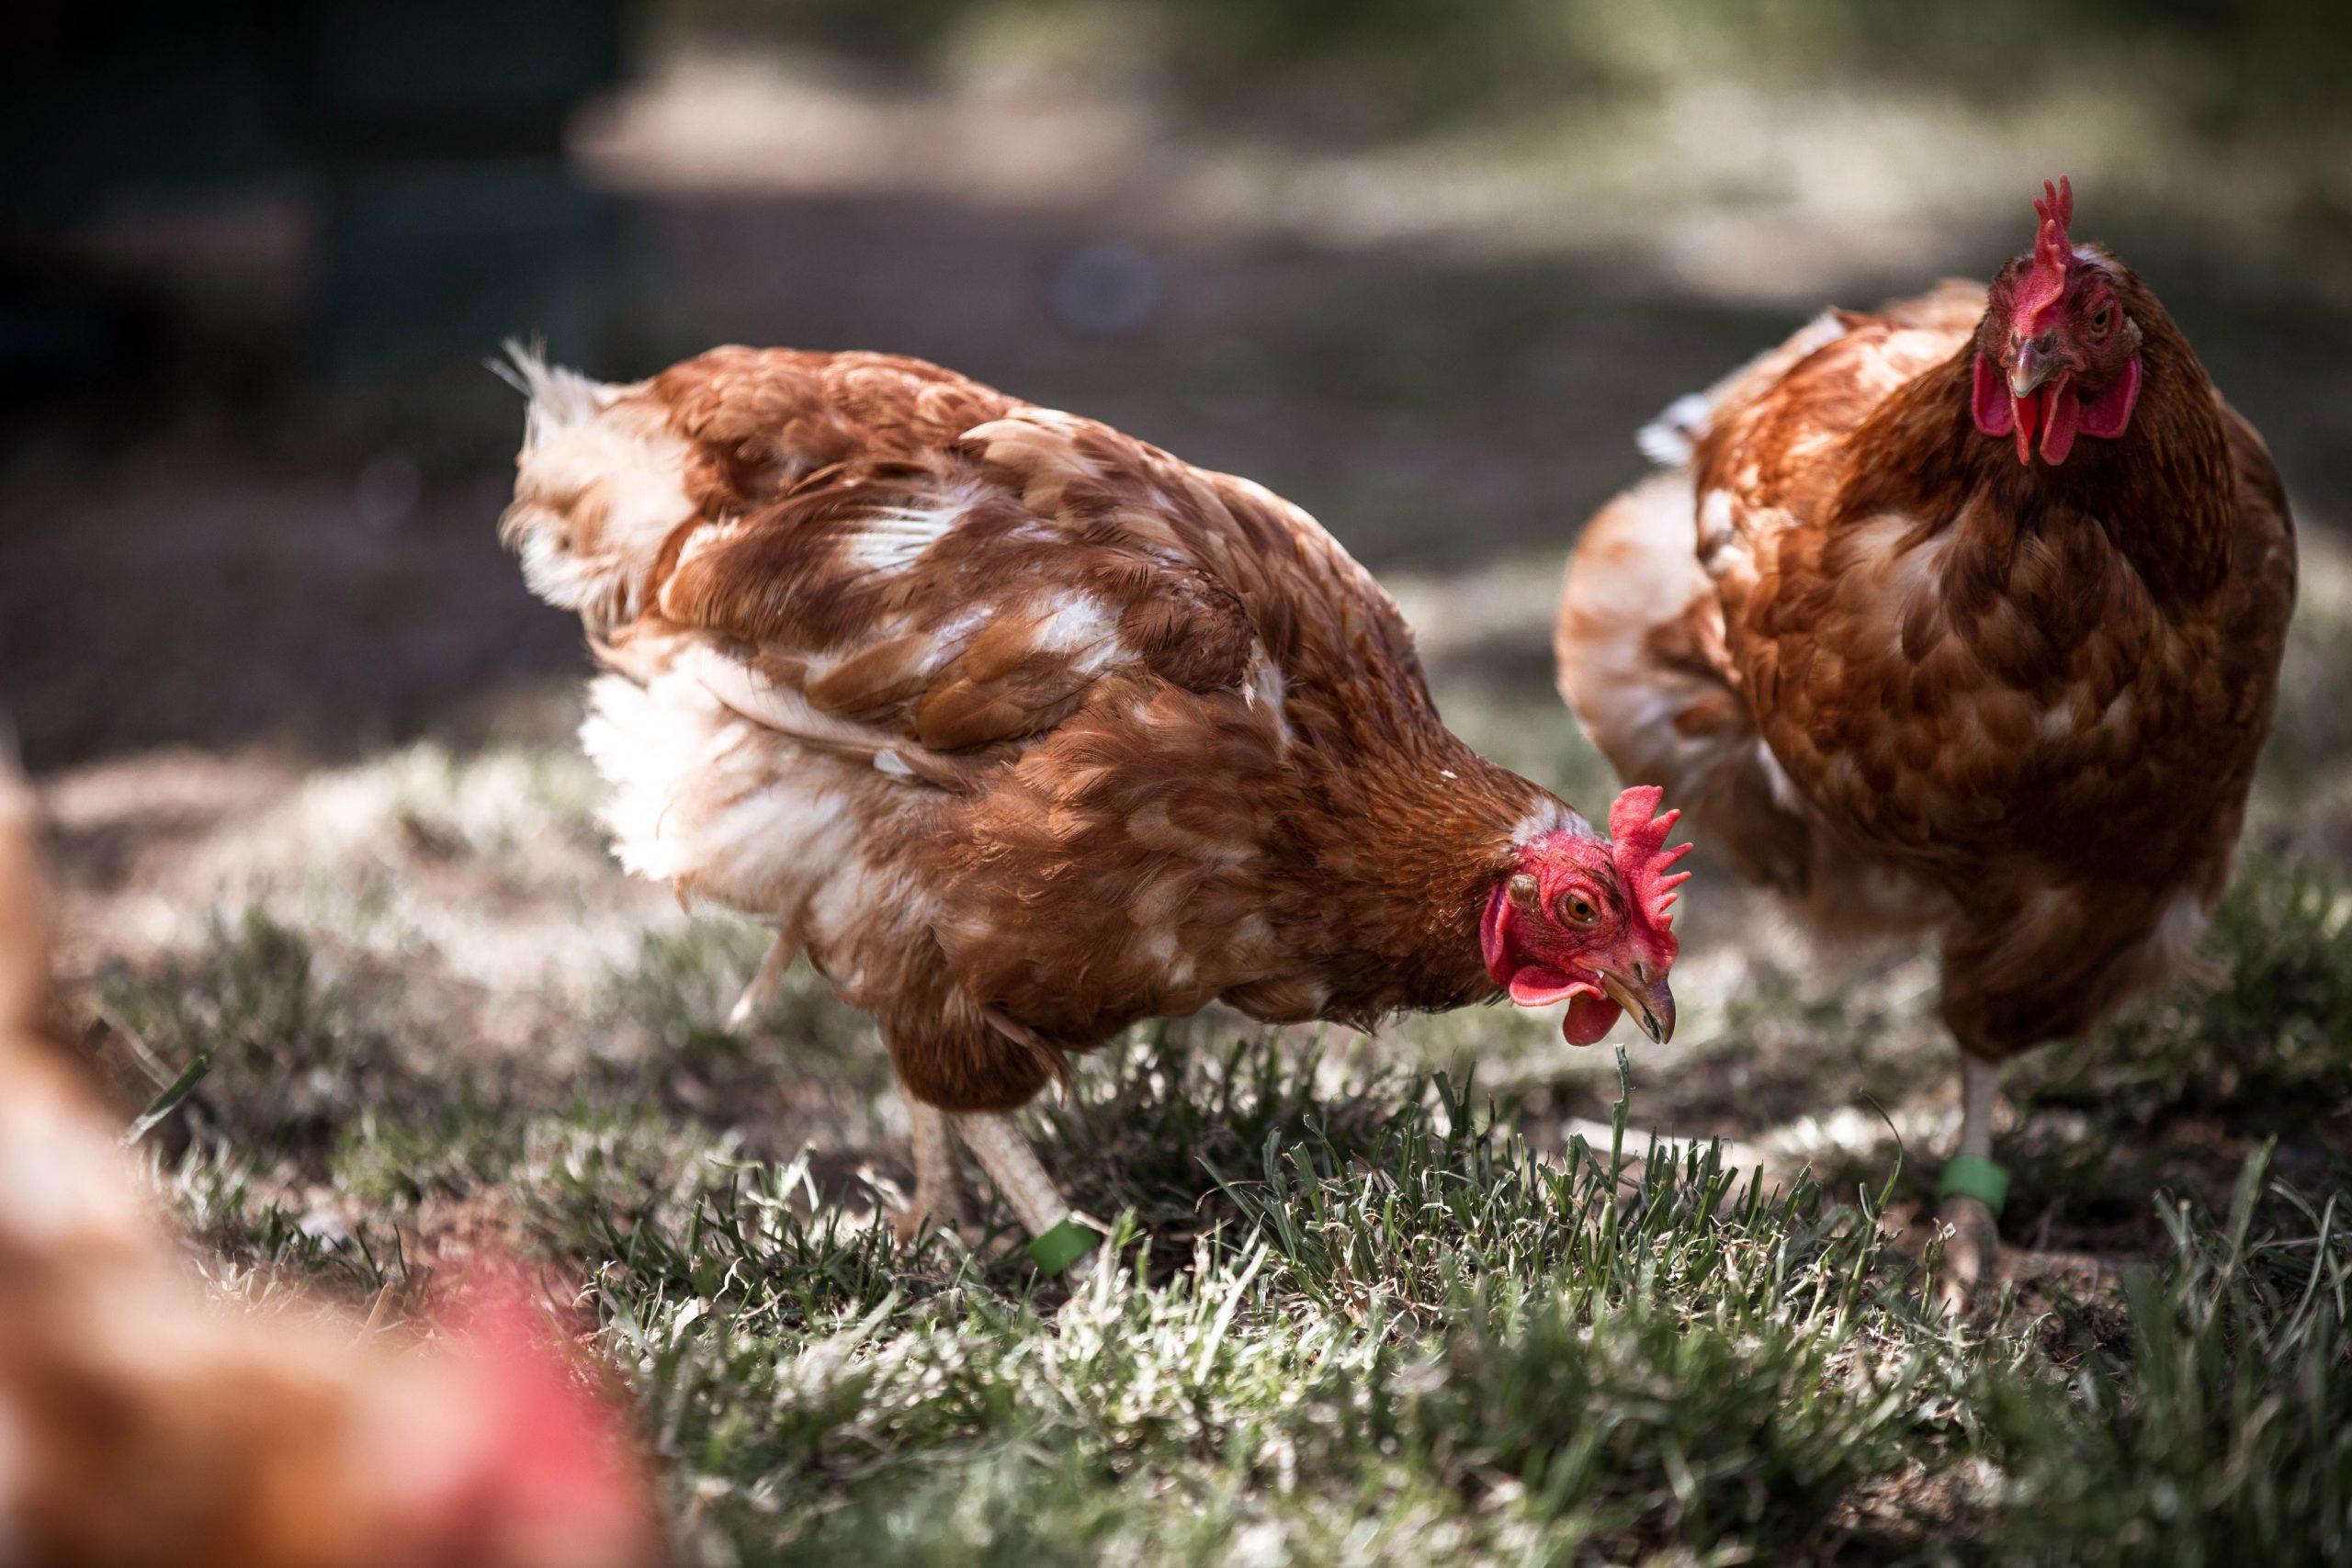 Das Sozialverhalten von Hühnern